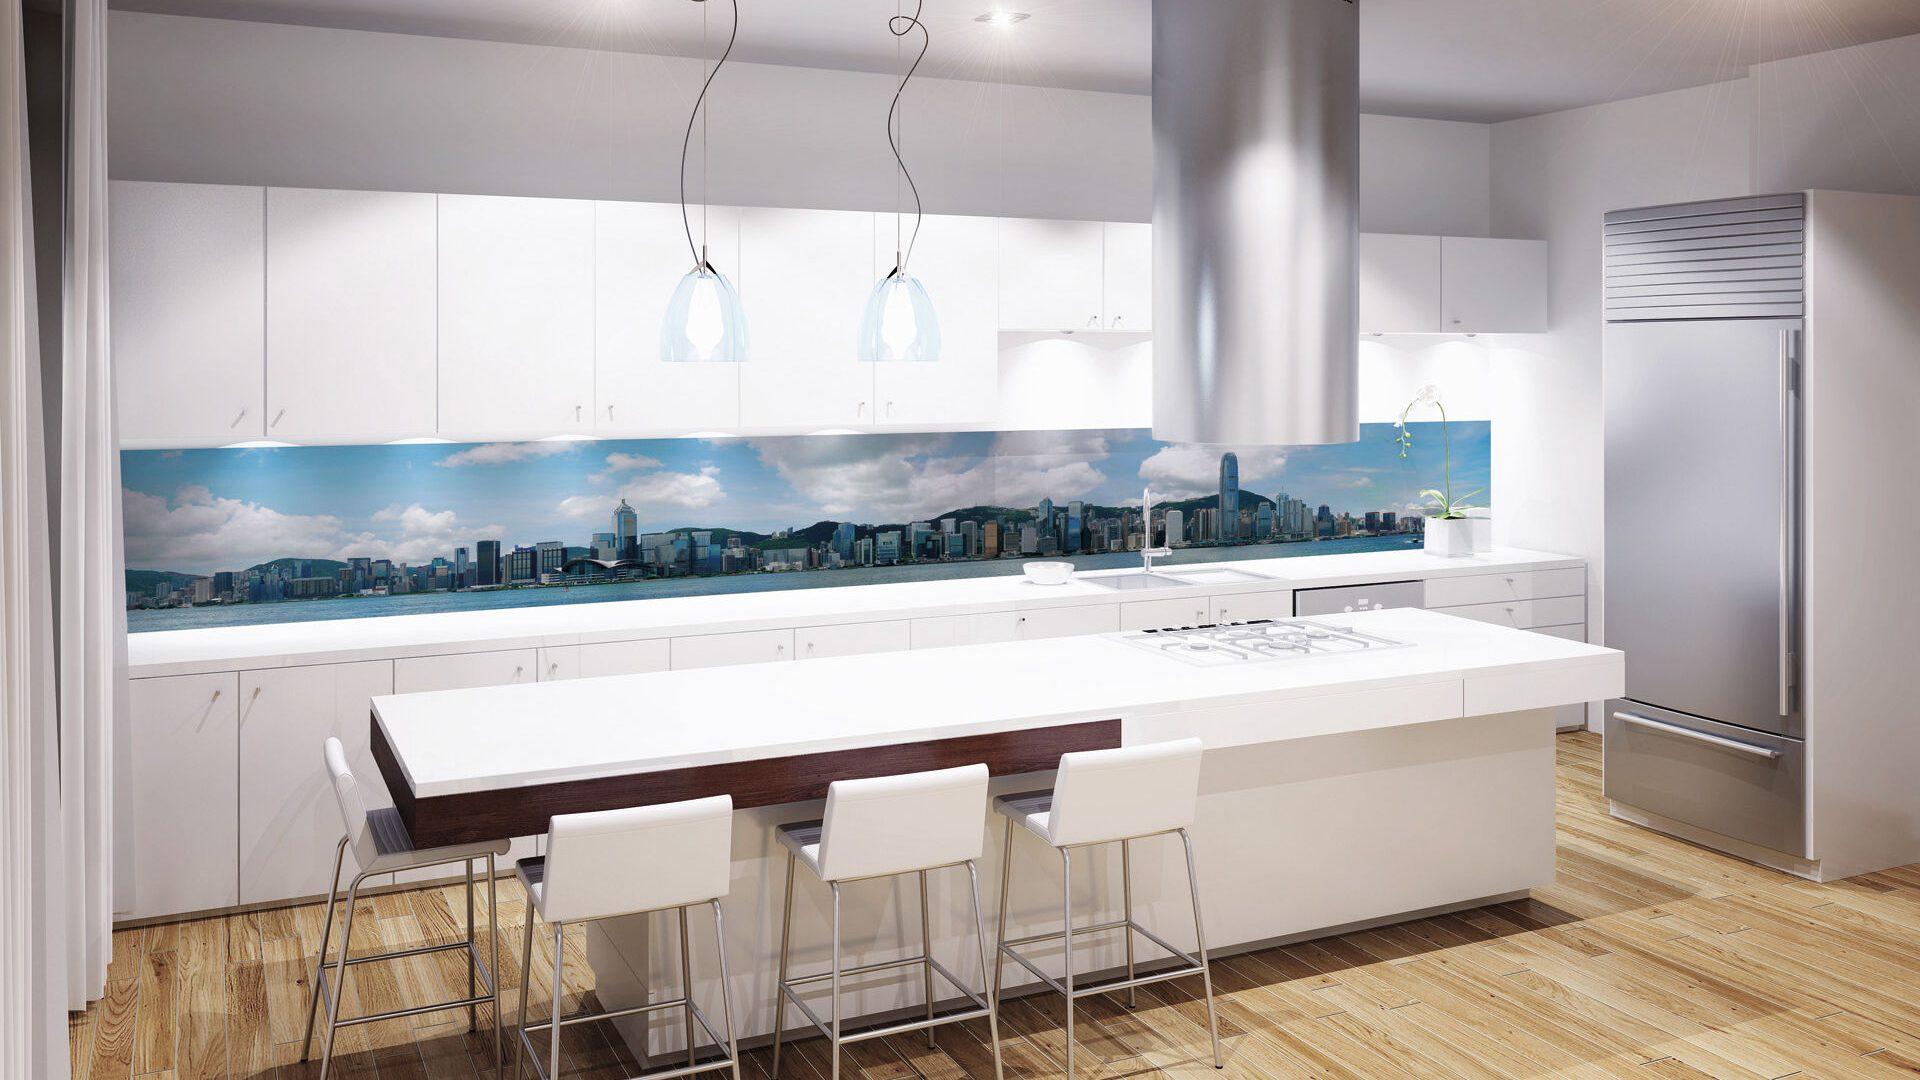 Küchenrückwände von Glas Marte | Küchenwelt Markant in Dornbirn, Vorarlberg